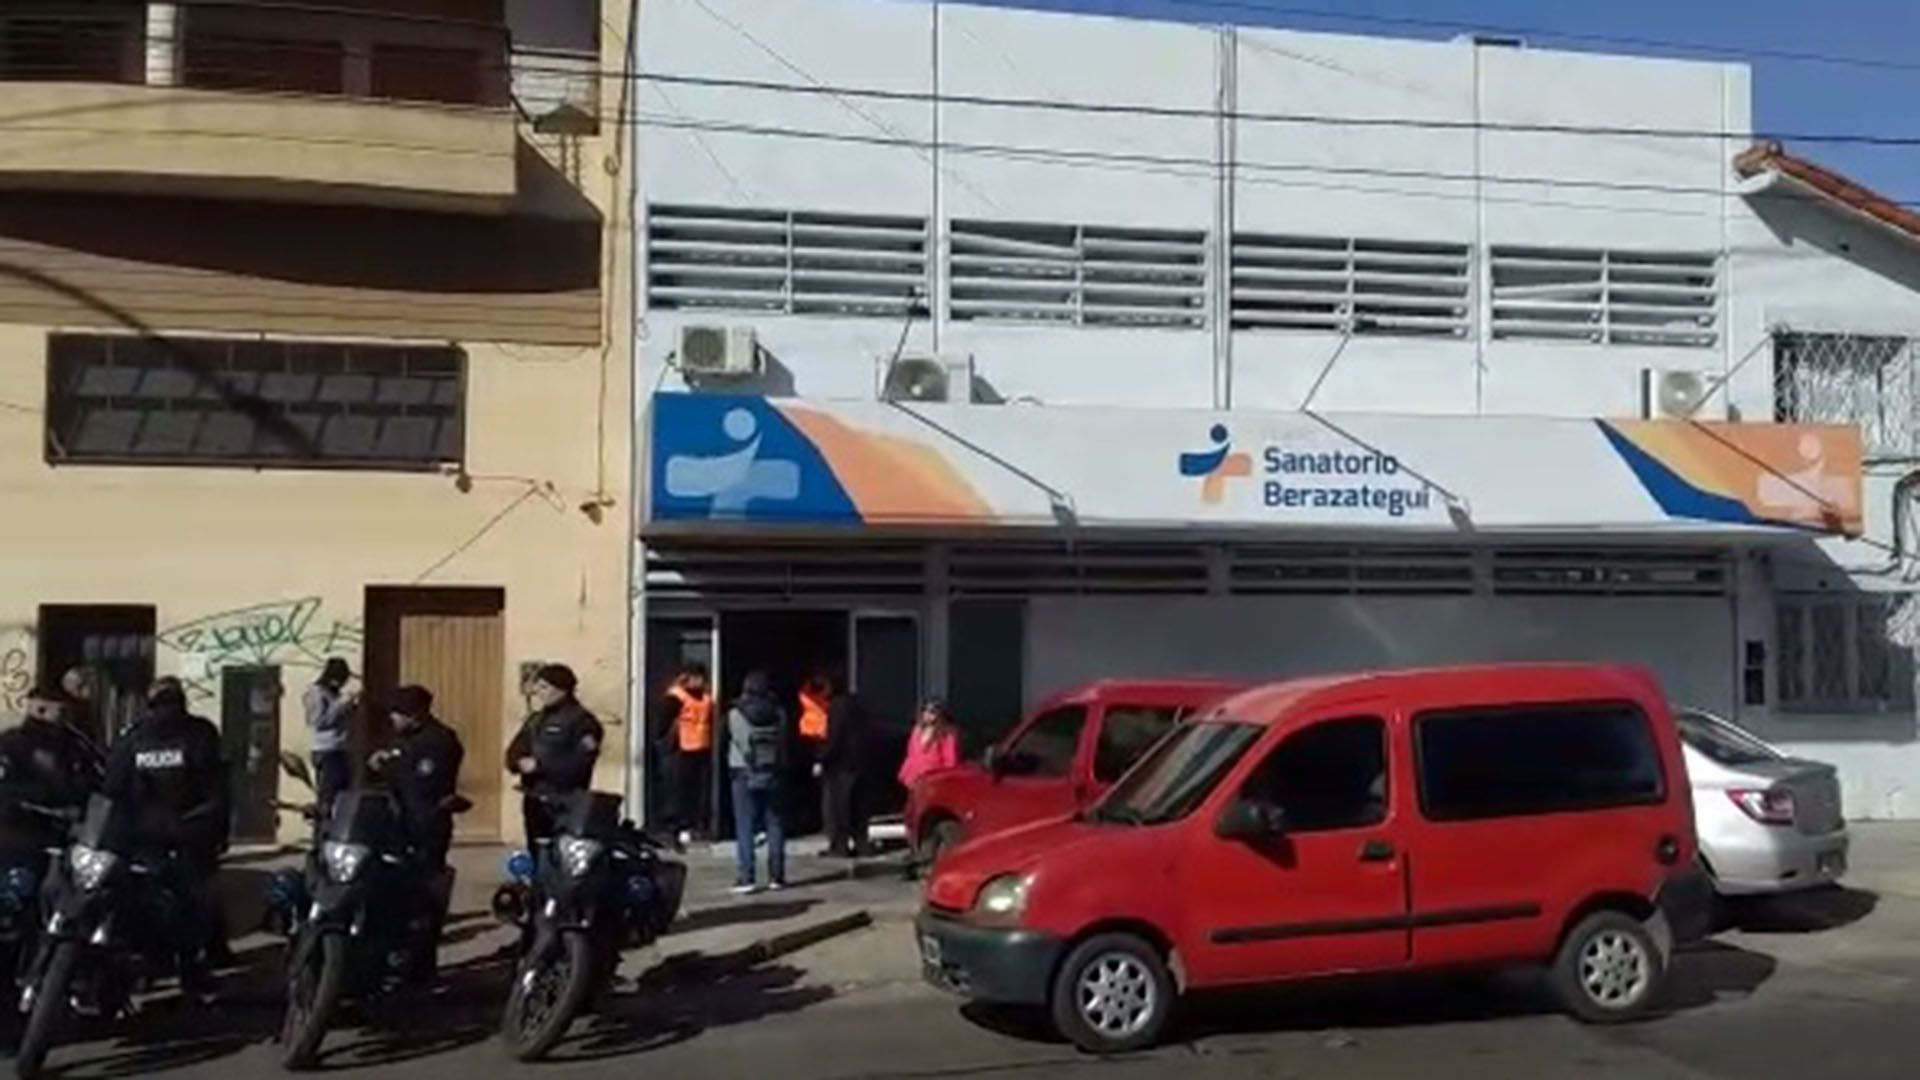 El Sanatorio Berazategui.